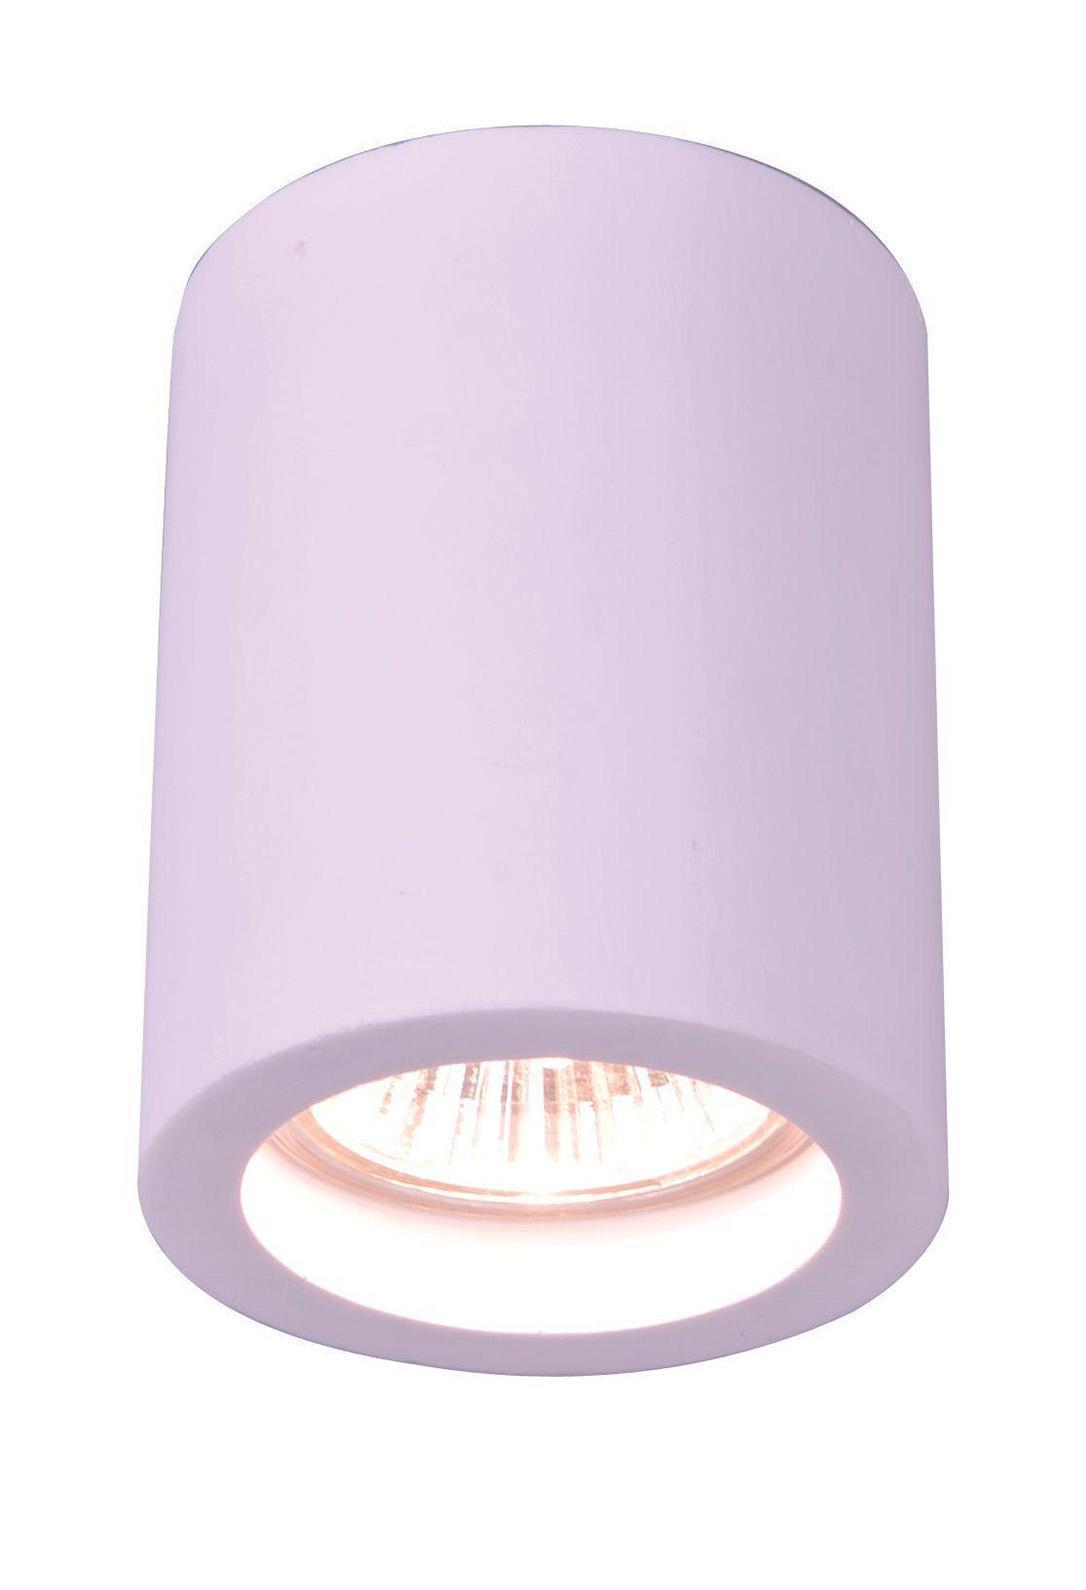 Светильник встраиваемый Arte lampСветильники встраиваемые<br>Стиль светильника: модерн,<br>Диаметр: 70,<br>Форма светильника: круг,<br>Материал светильника: металл,<br>Количество ламп: 1,<br>Тип лампы: накаливания,<br>Мощность: 35,<br>Патрон: GU10,<br>Цвет арматуры: белый,<br>Назначение светильника: для комнаты<br>